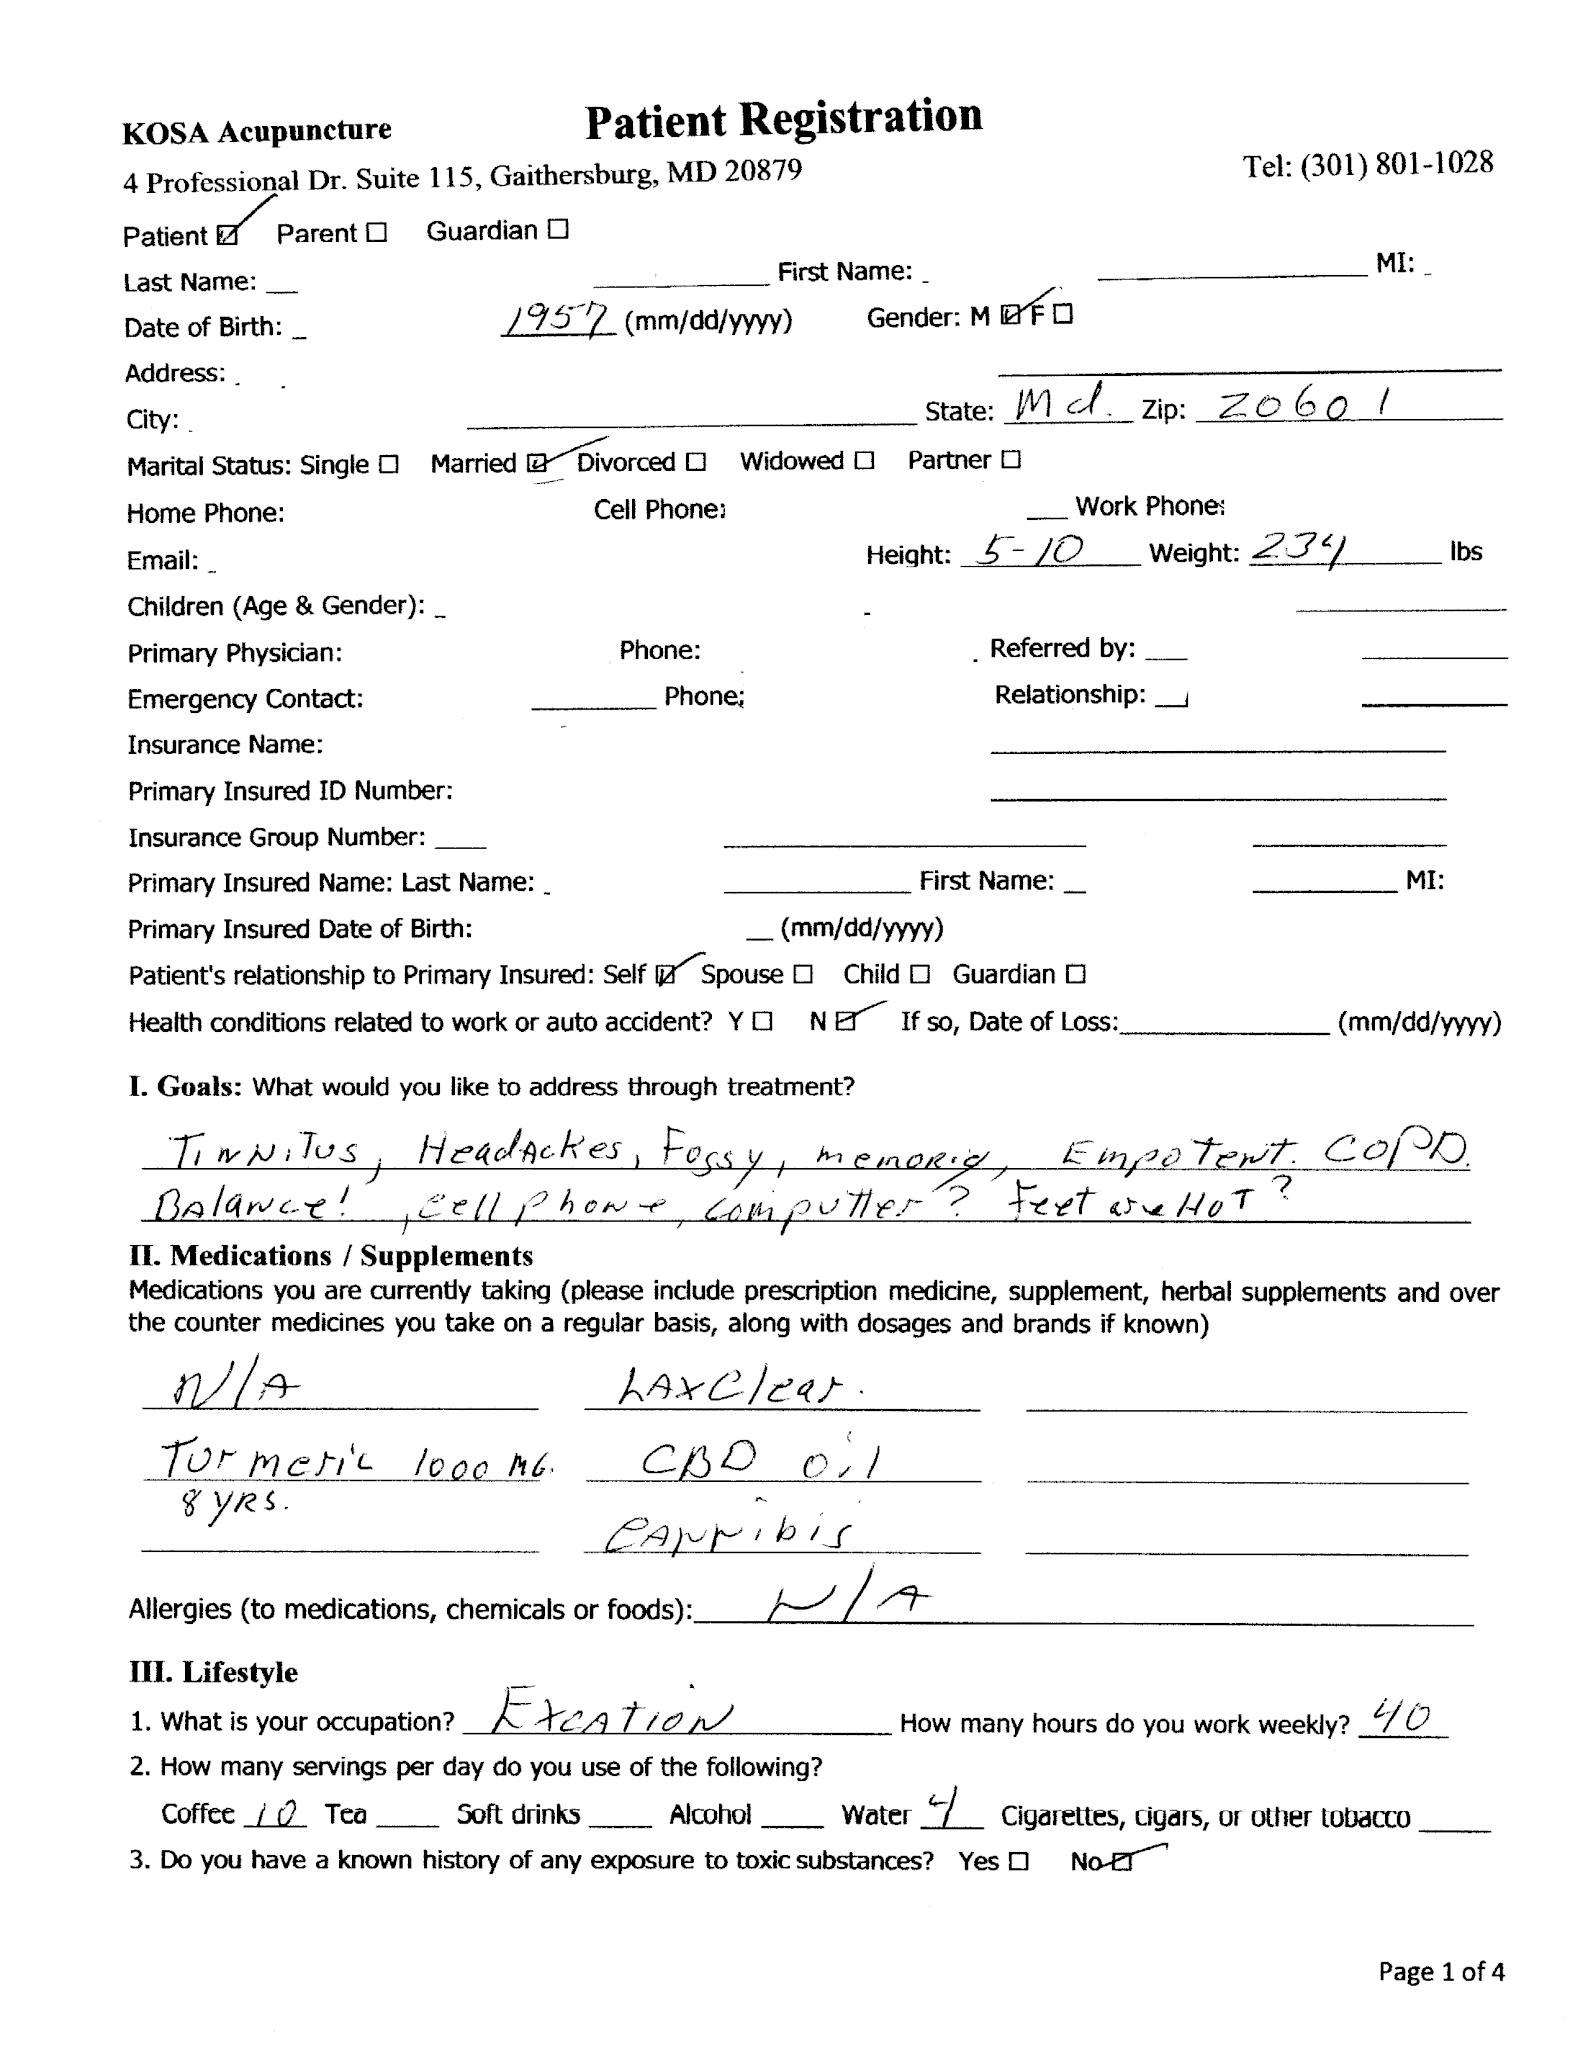 kosa182 Page 1 - Tinnitus Testimonial, LV - KOSA Acupuncture